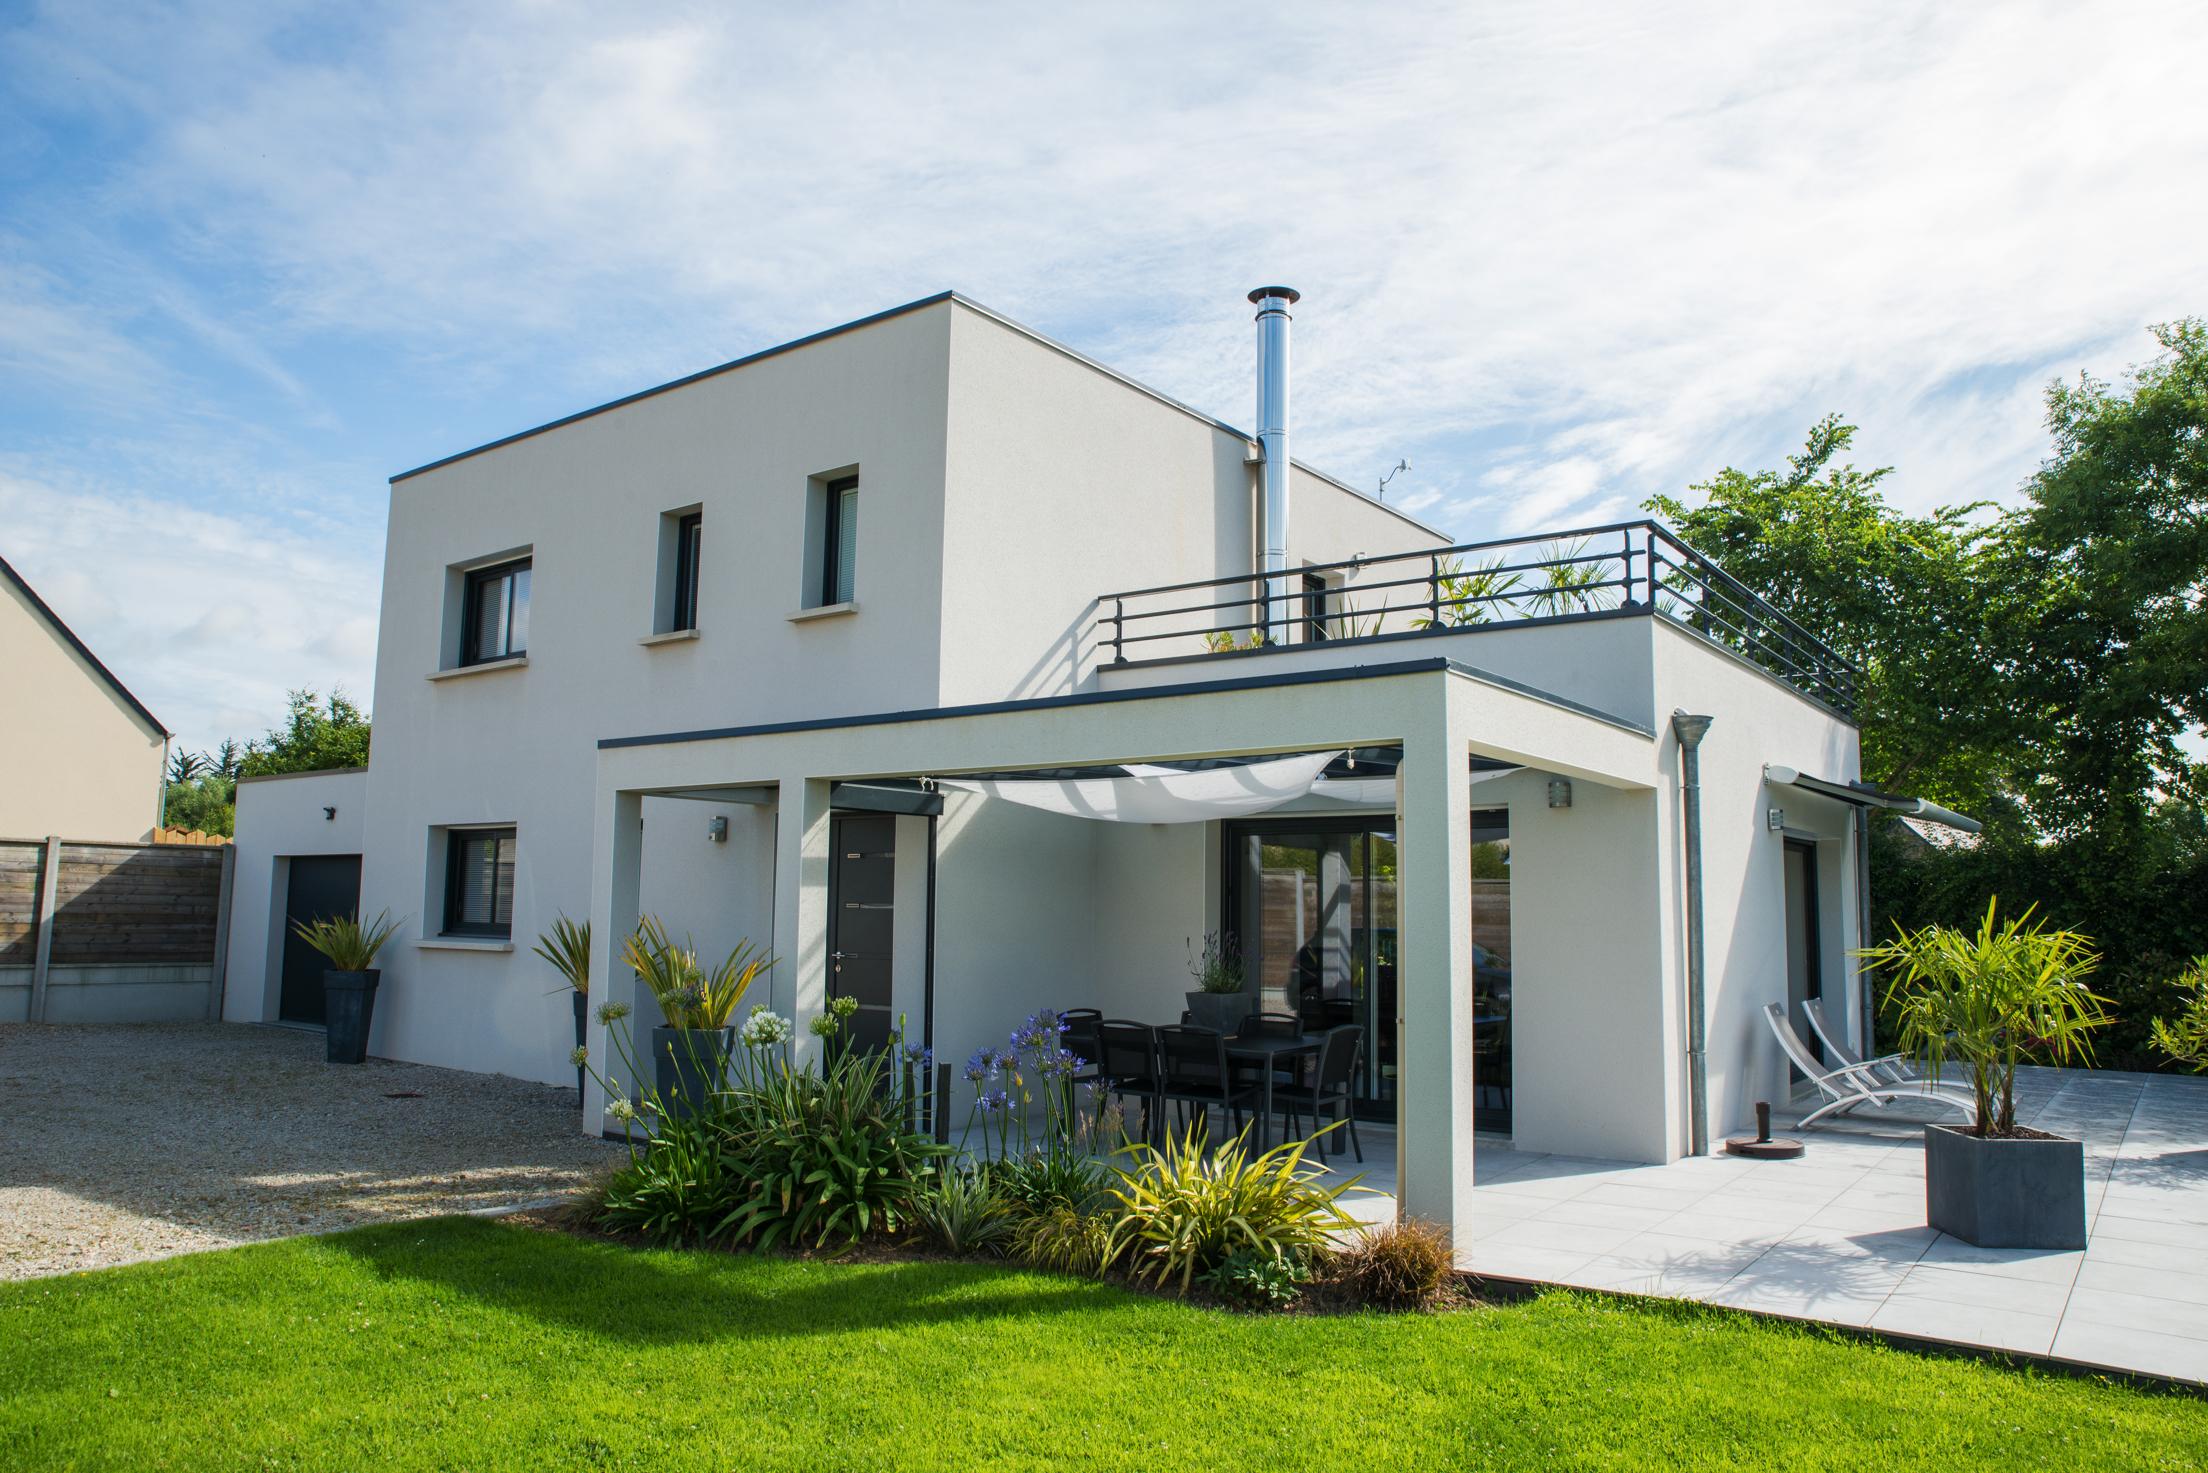 Les maisons delacour constructeur agr maisons de qualit for Constructeur de maison 54